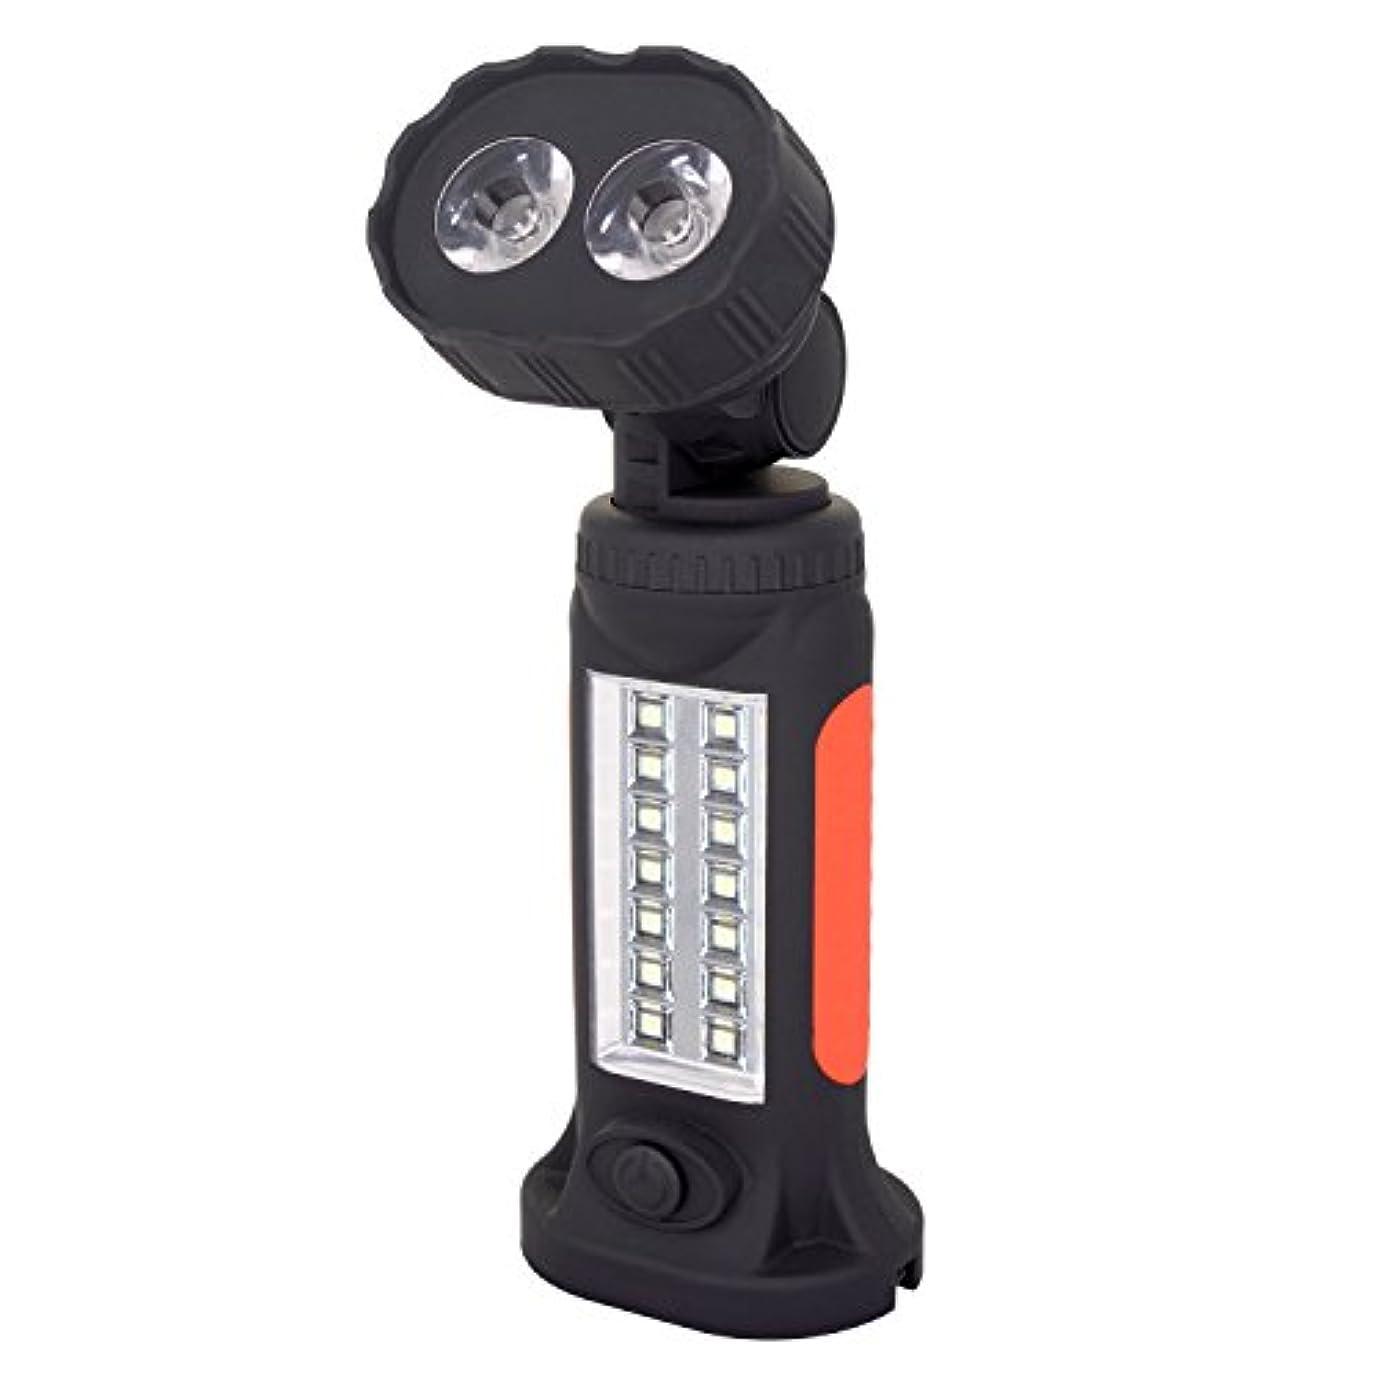 焦がす落花生音Wolfteeth WL7284ハンズフリーCOB LEDトーチガレージ懐中電灯、調整スタンド、吊り下げフック、マグネットベース